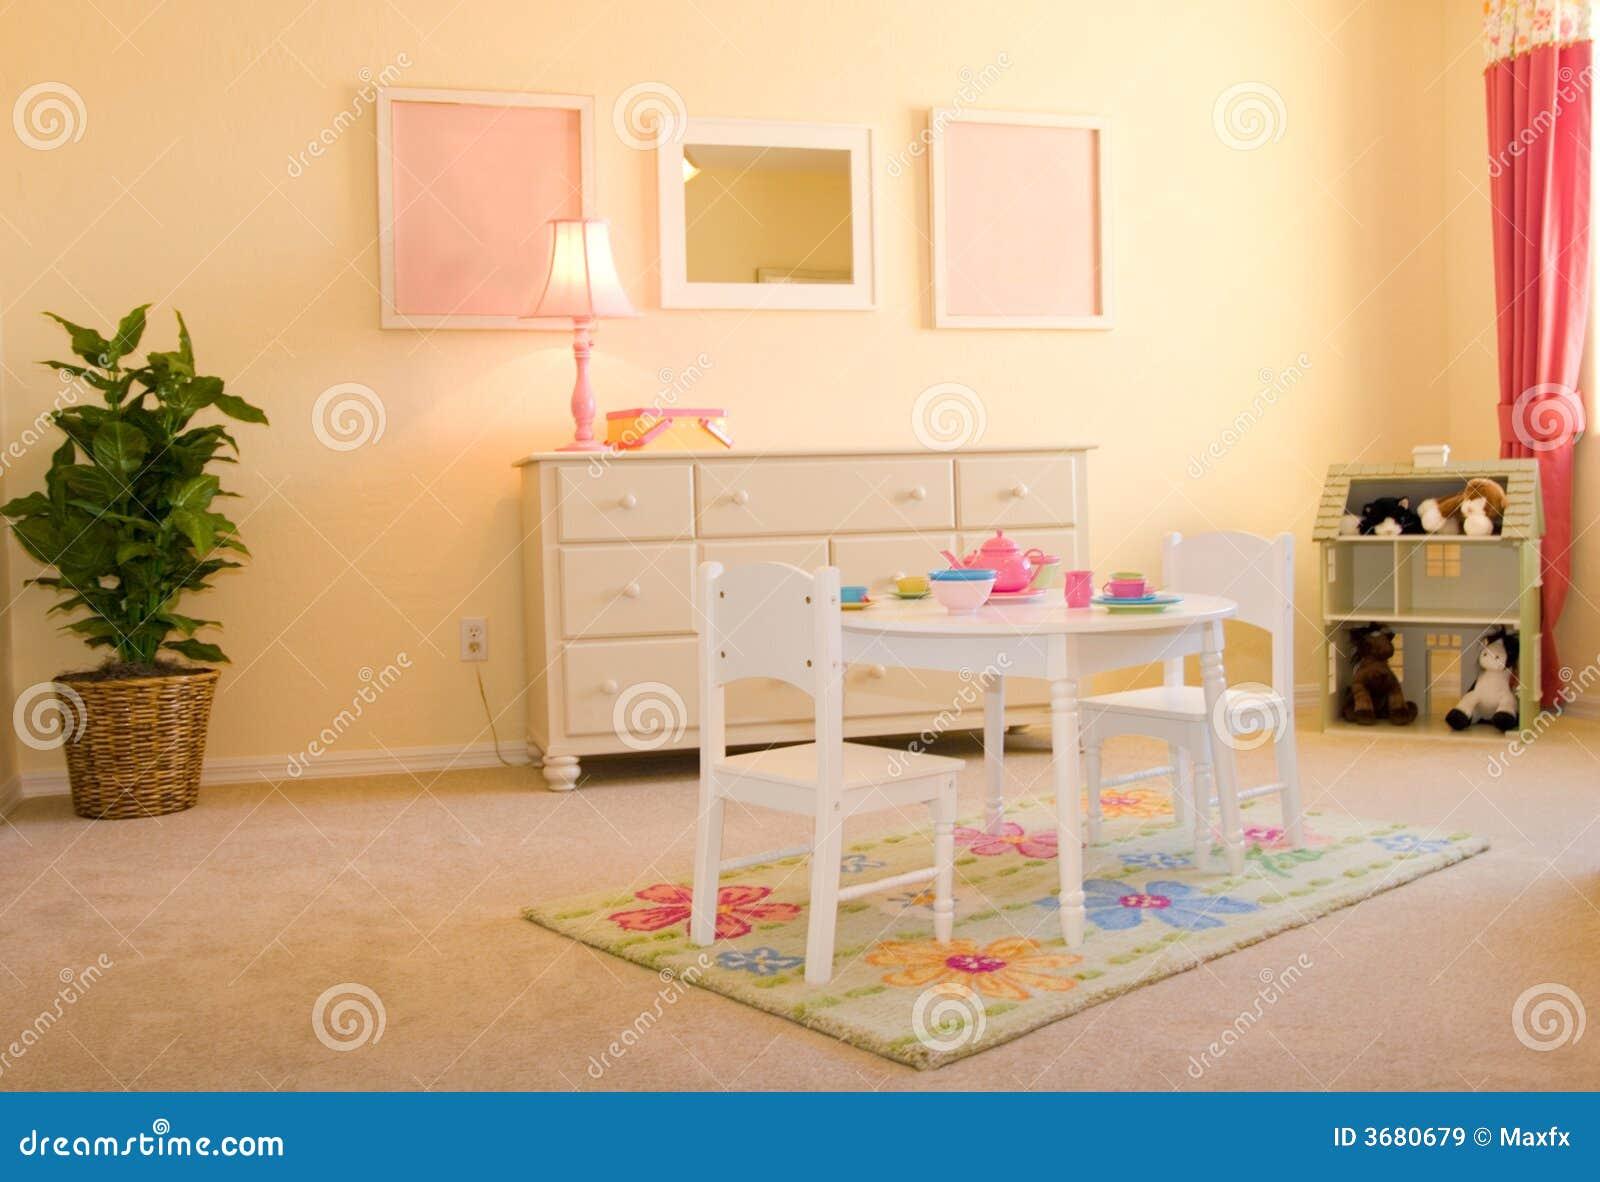 La salle de jeux des enfants images libres de droits image 3680679 - Salle de jeux pour enfants ...